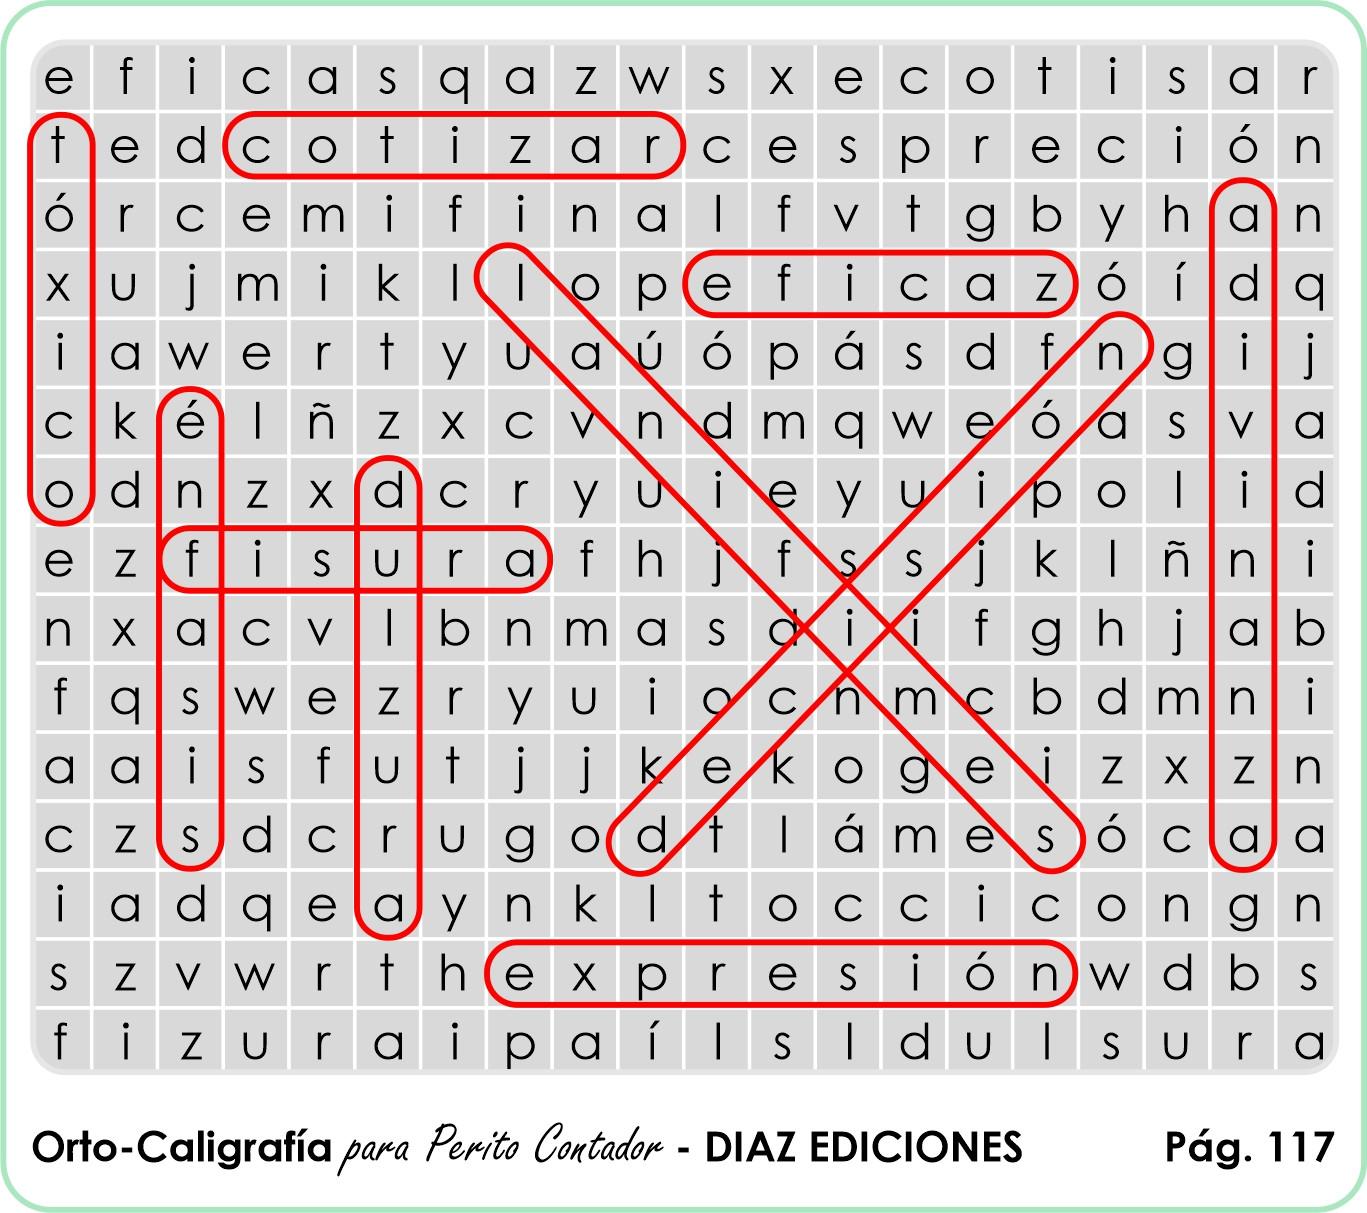 Soluciones Ejercicios Pag 117.jpg